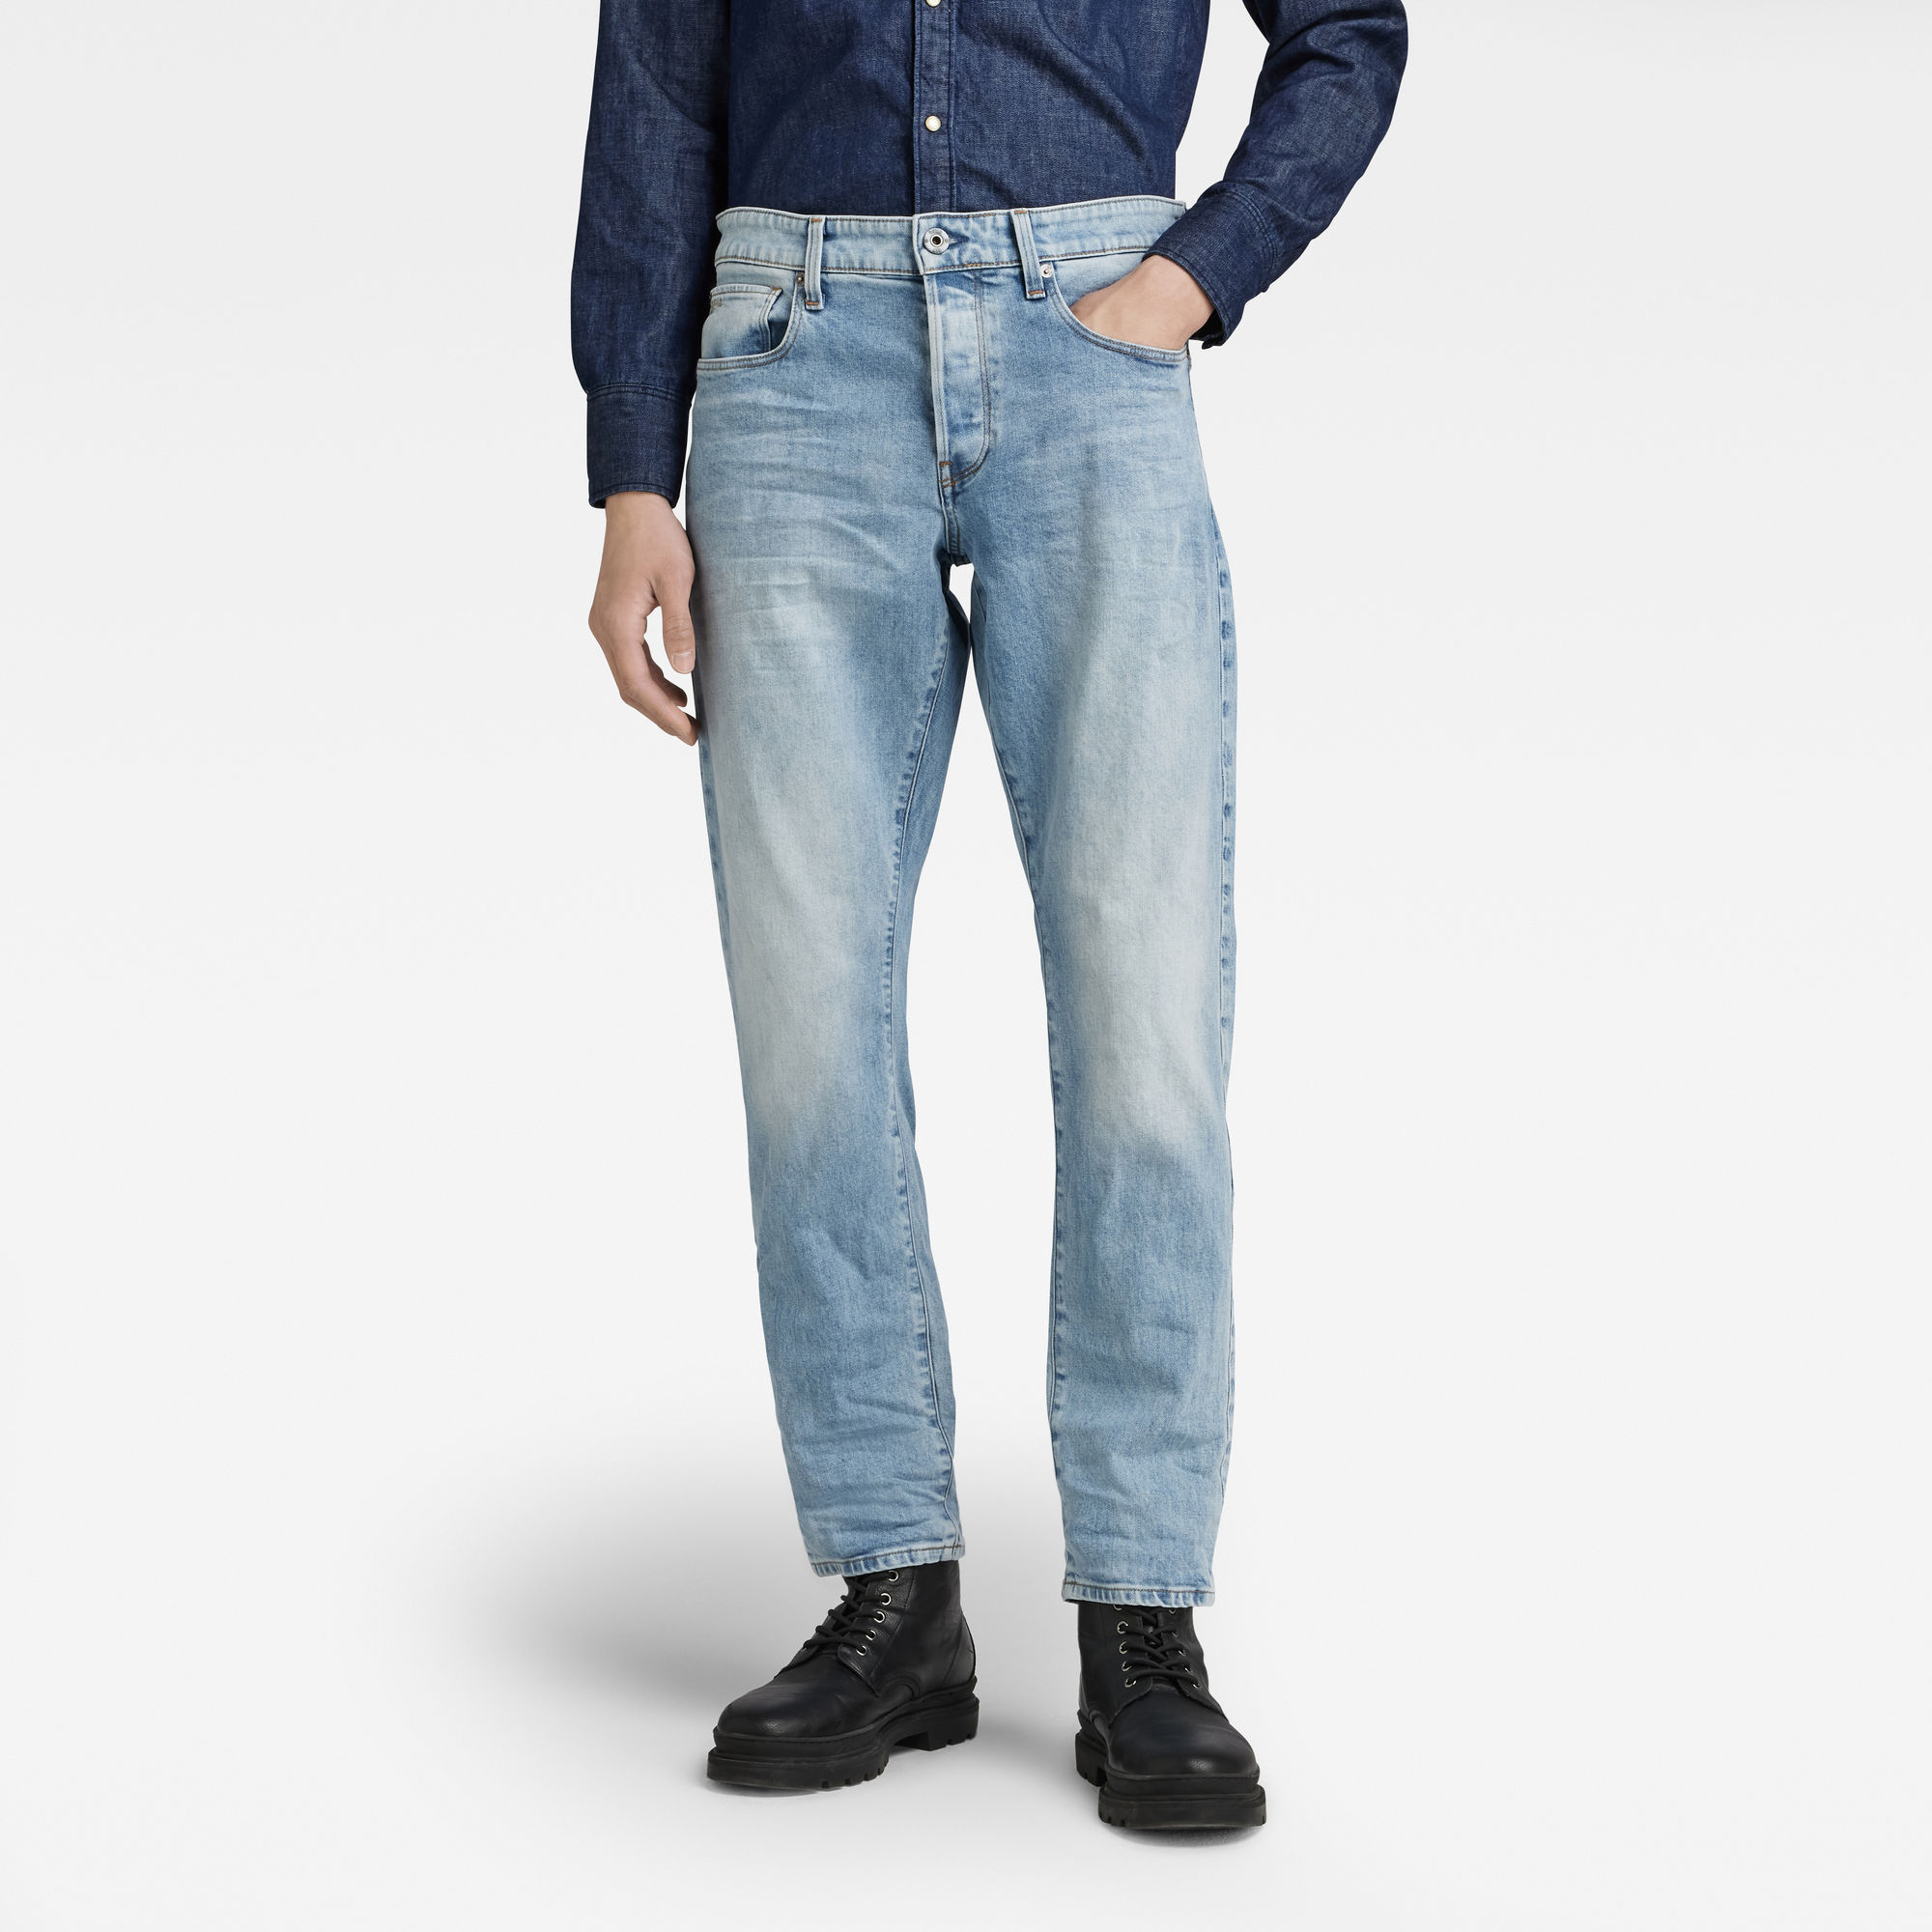 G-Star RAW Heren 3301 Regular Tapered Jeans Blauw